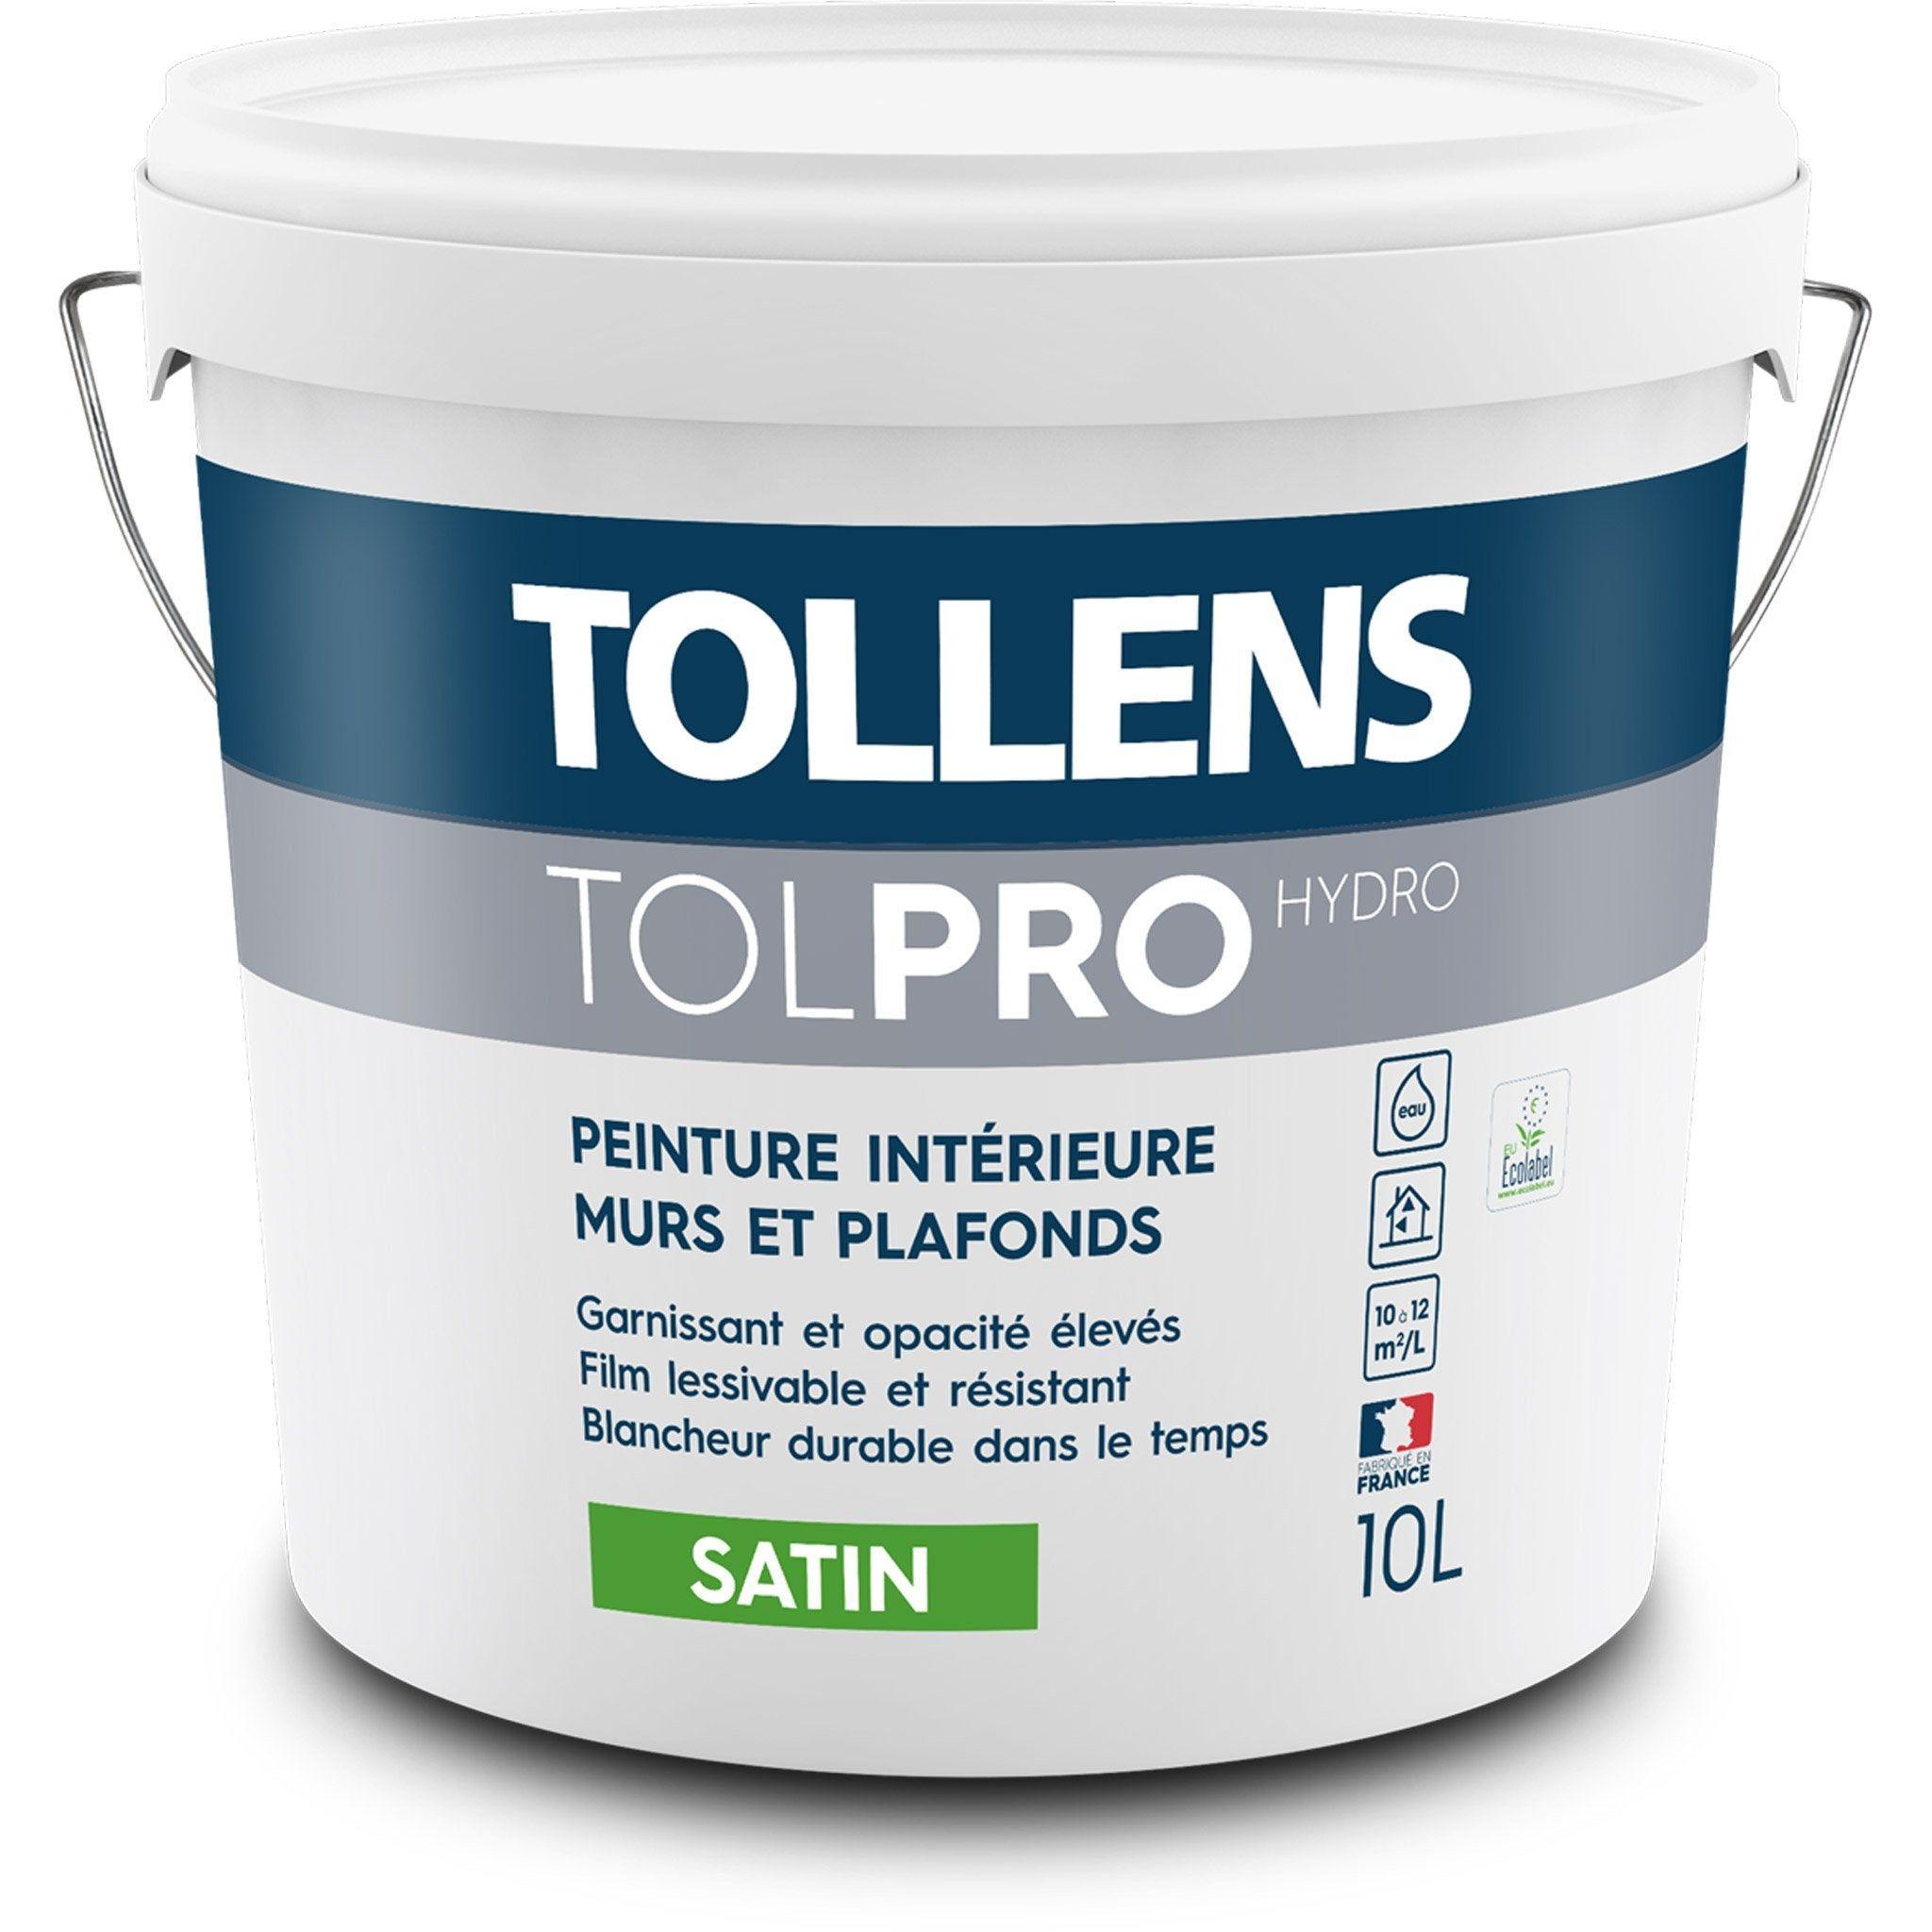 Peinture Tollens Mur Et Plafond Interieur Tolpro Hydro Blanc Satine 10 L Peinture Tollens Plafond Et Peinture